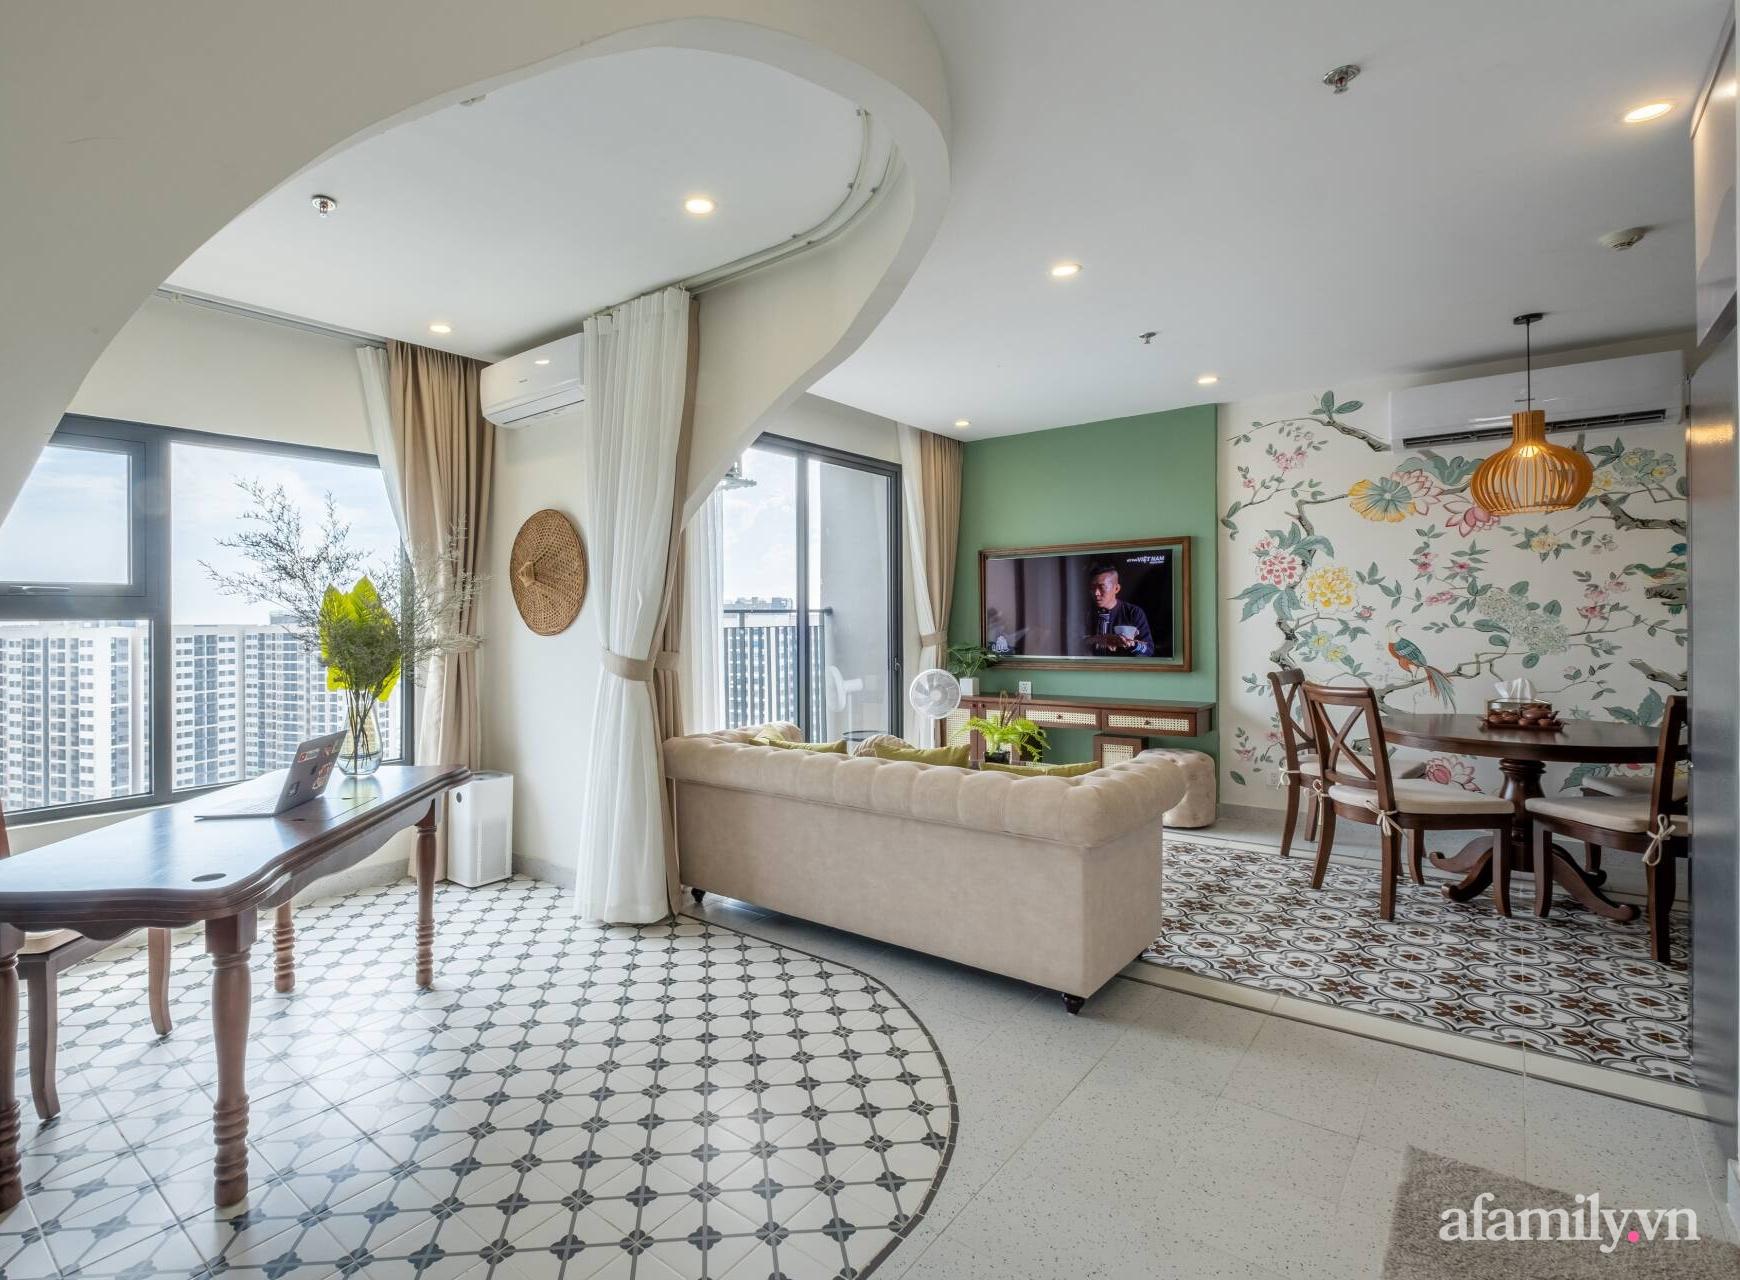 Căn hộ 3 phòng ngủ đẹp tinh tế với phong cách Indochine ở Vinhomes Ocean Park, Hà Nội - Ảnh 6.